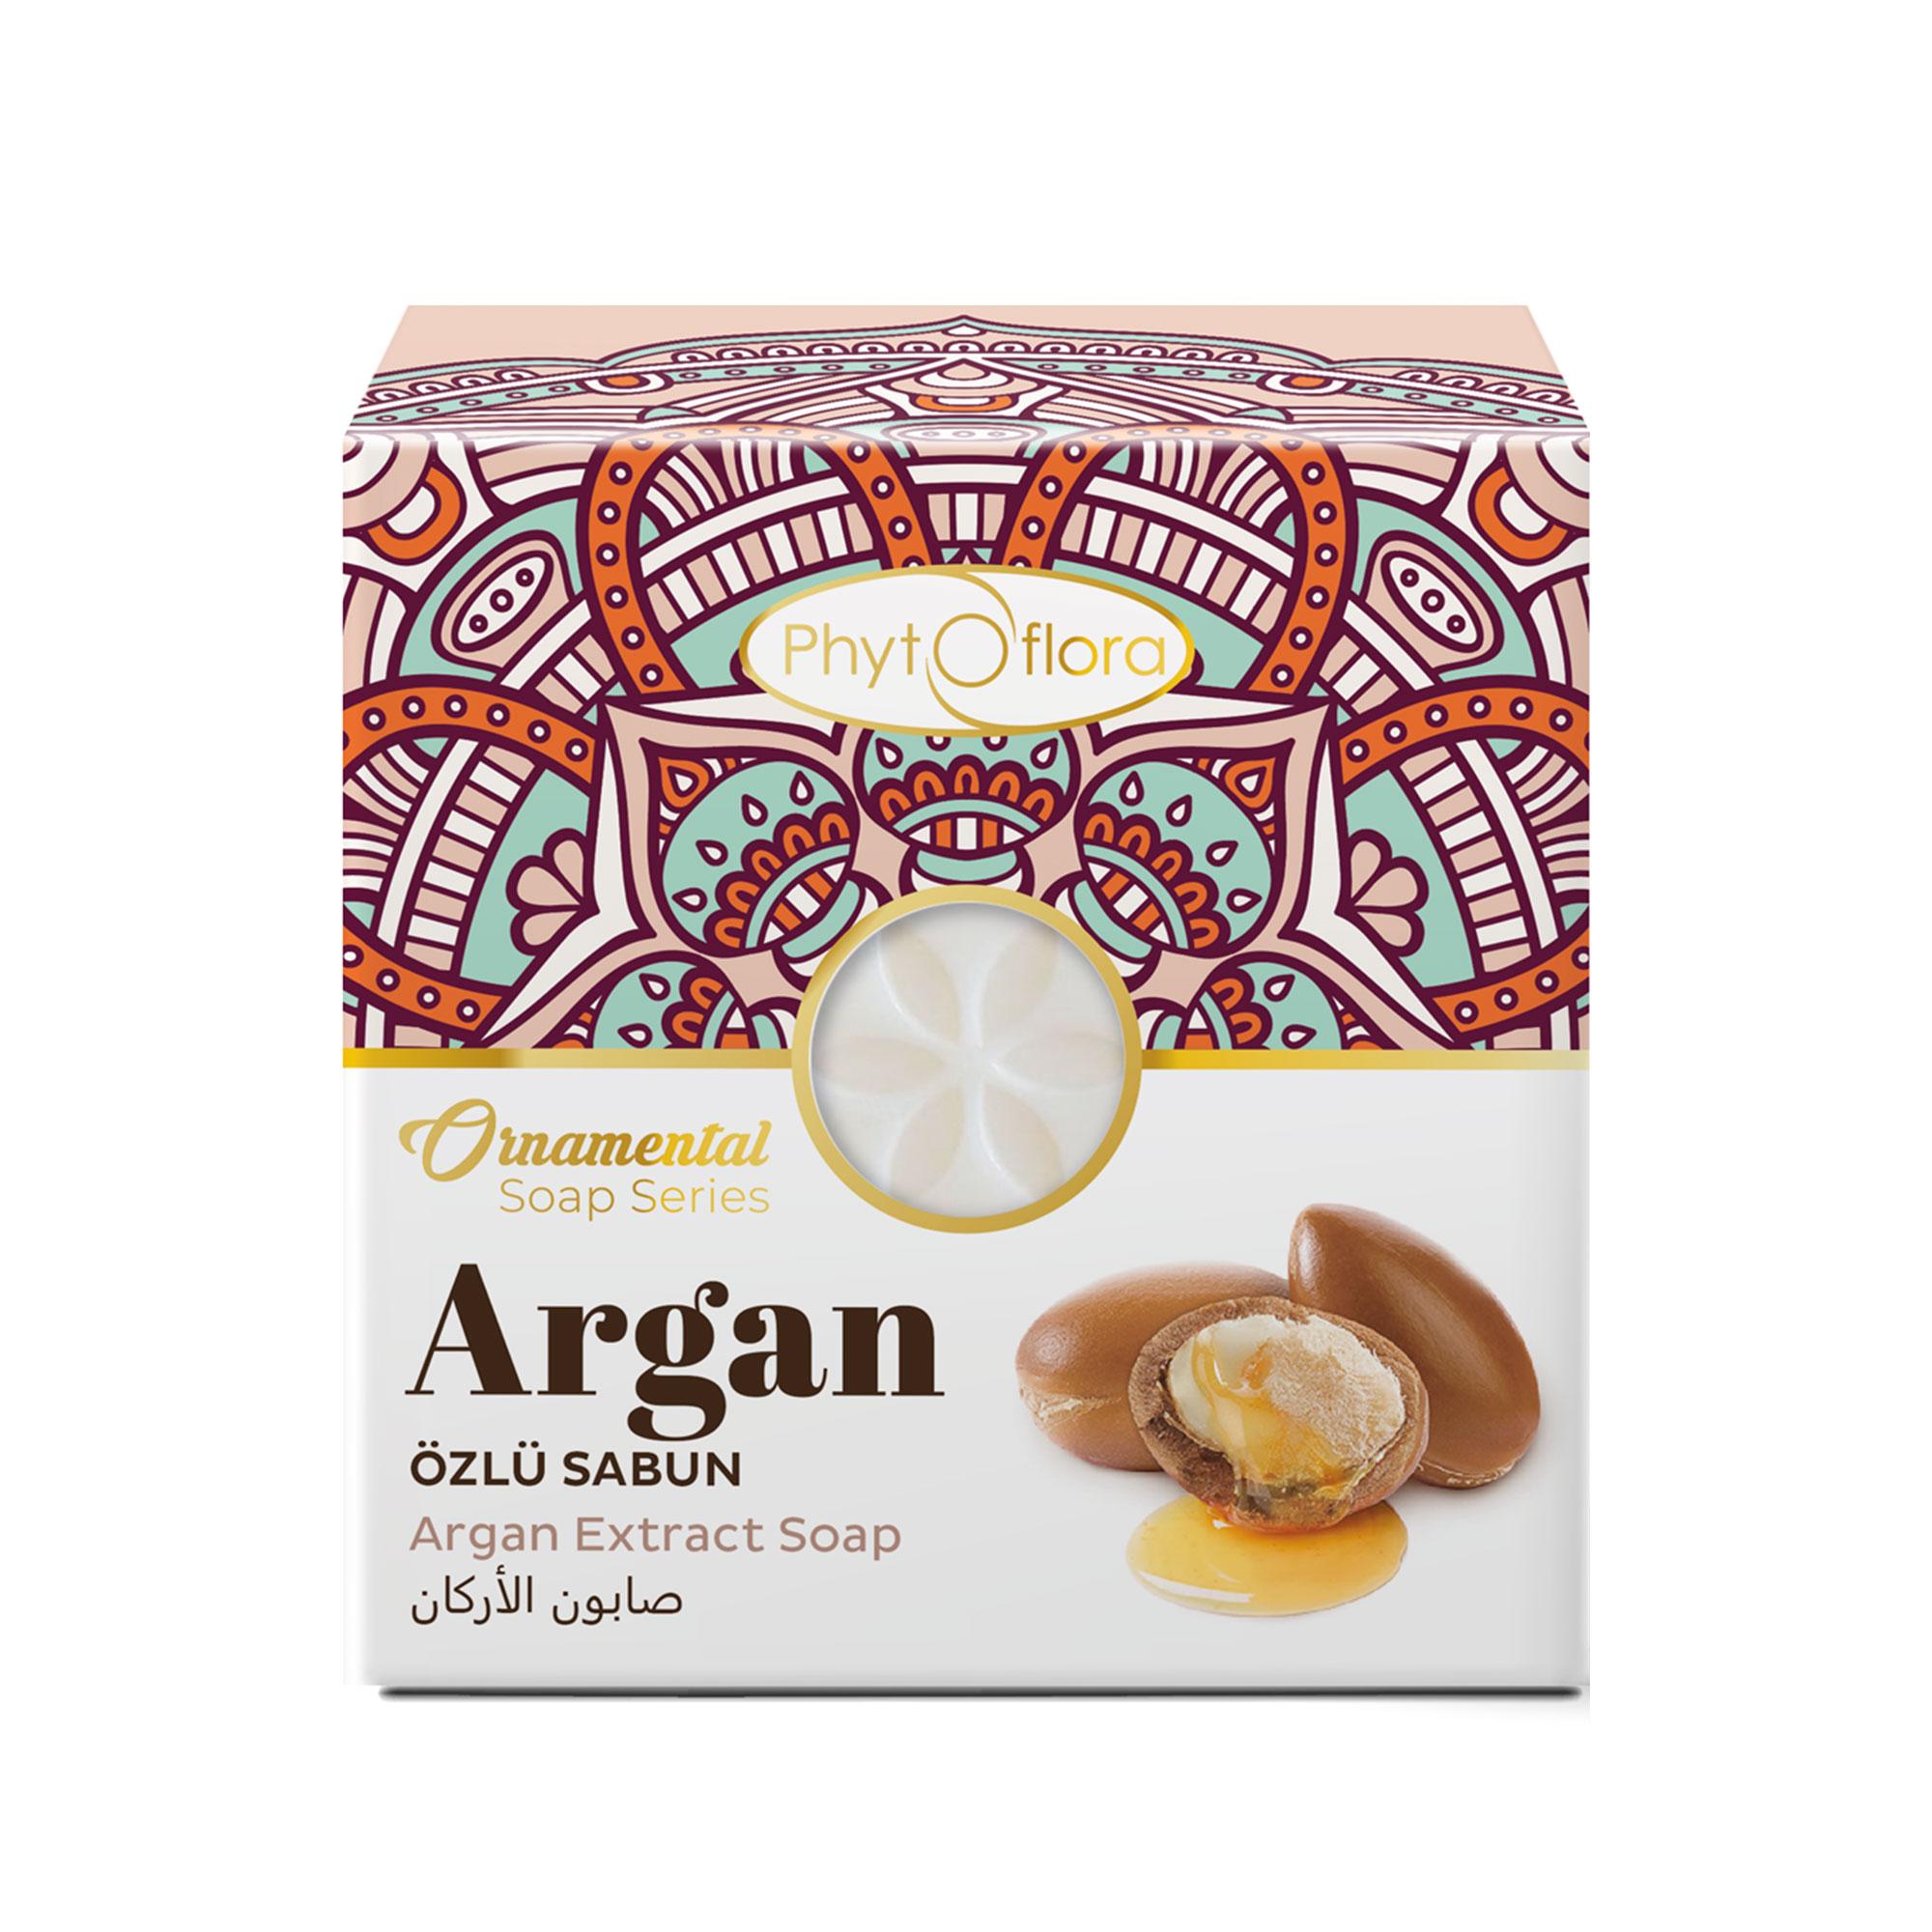 argan herbal soap - ornamental soap series